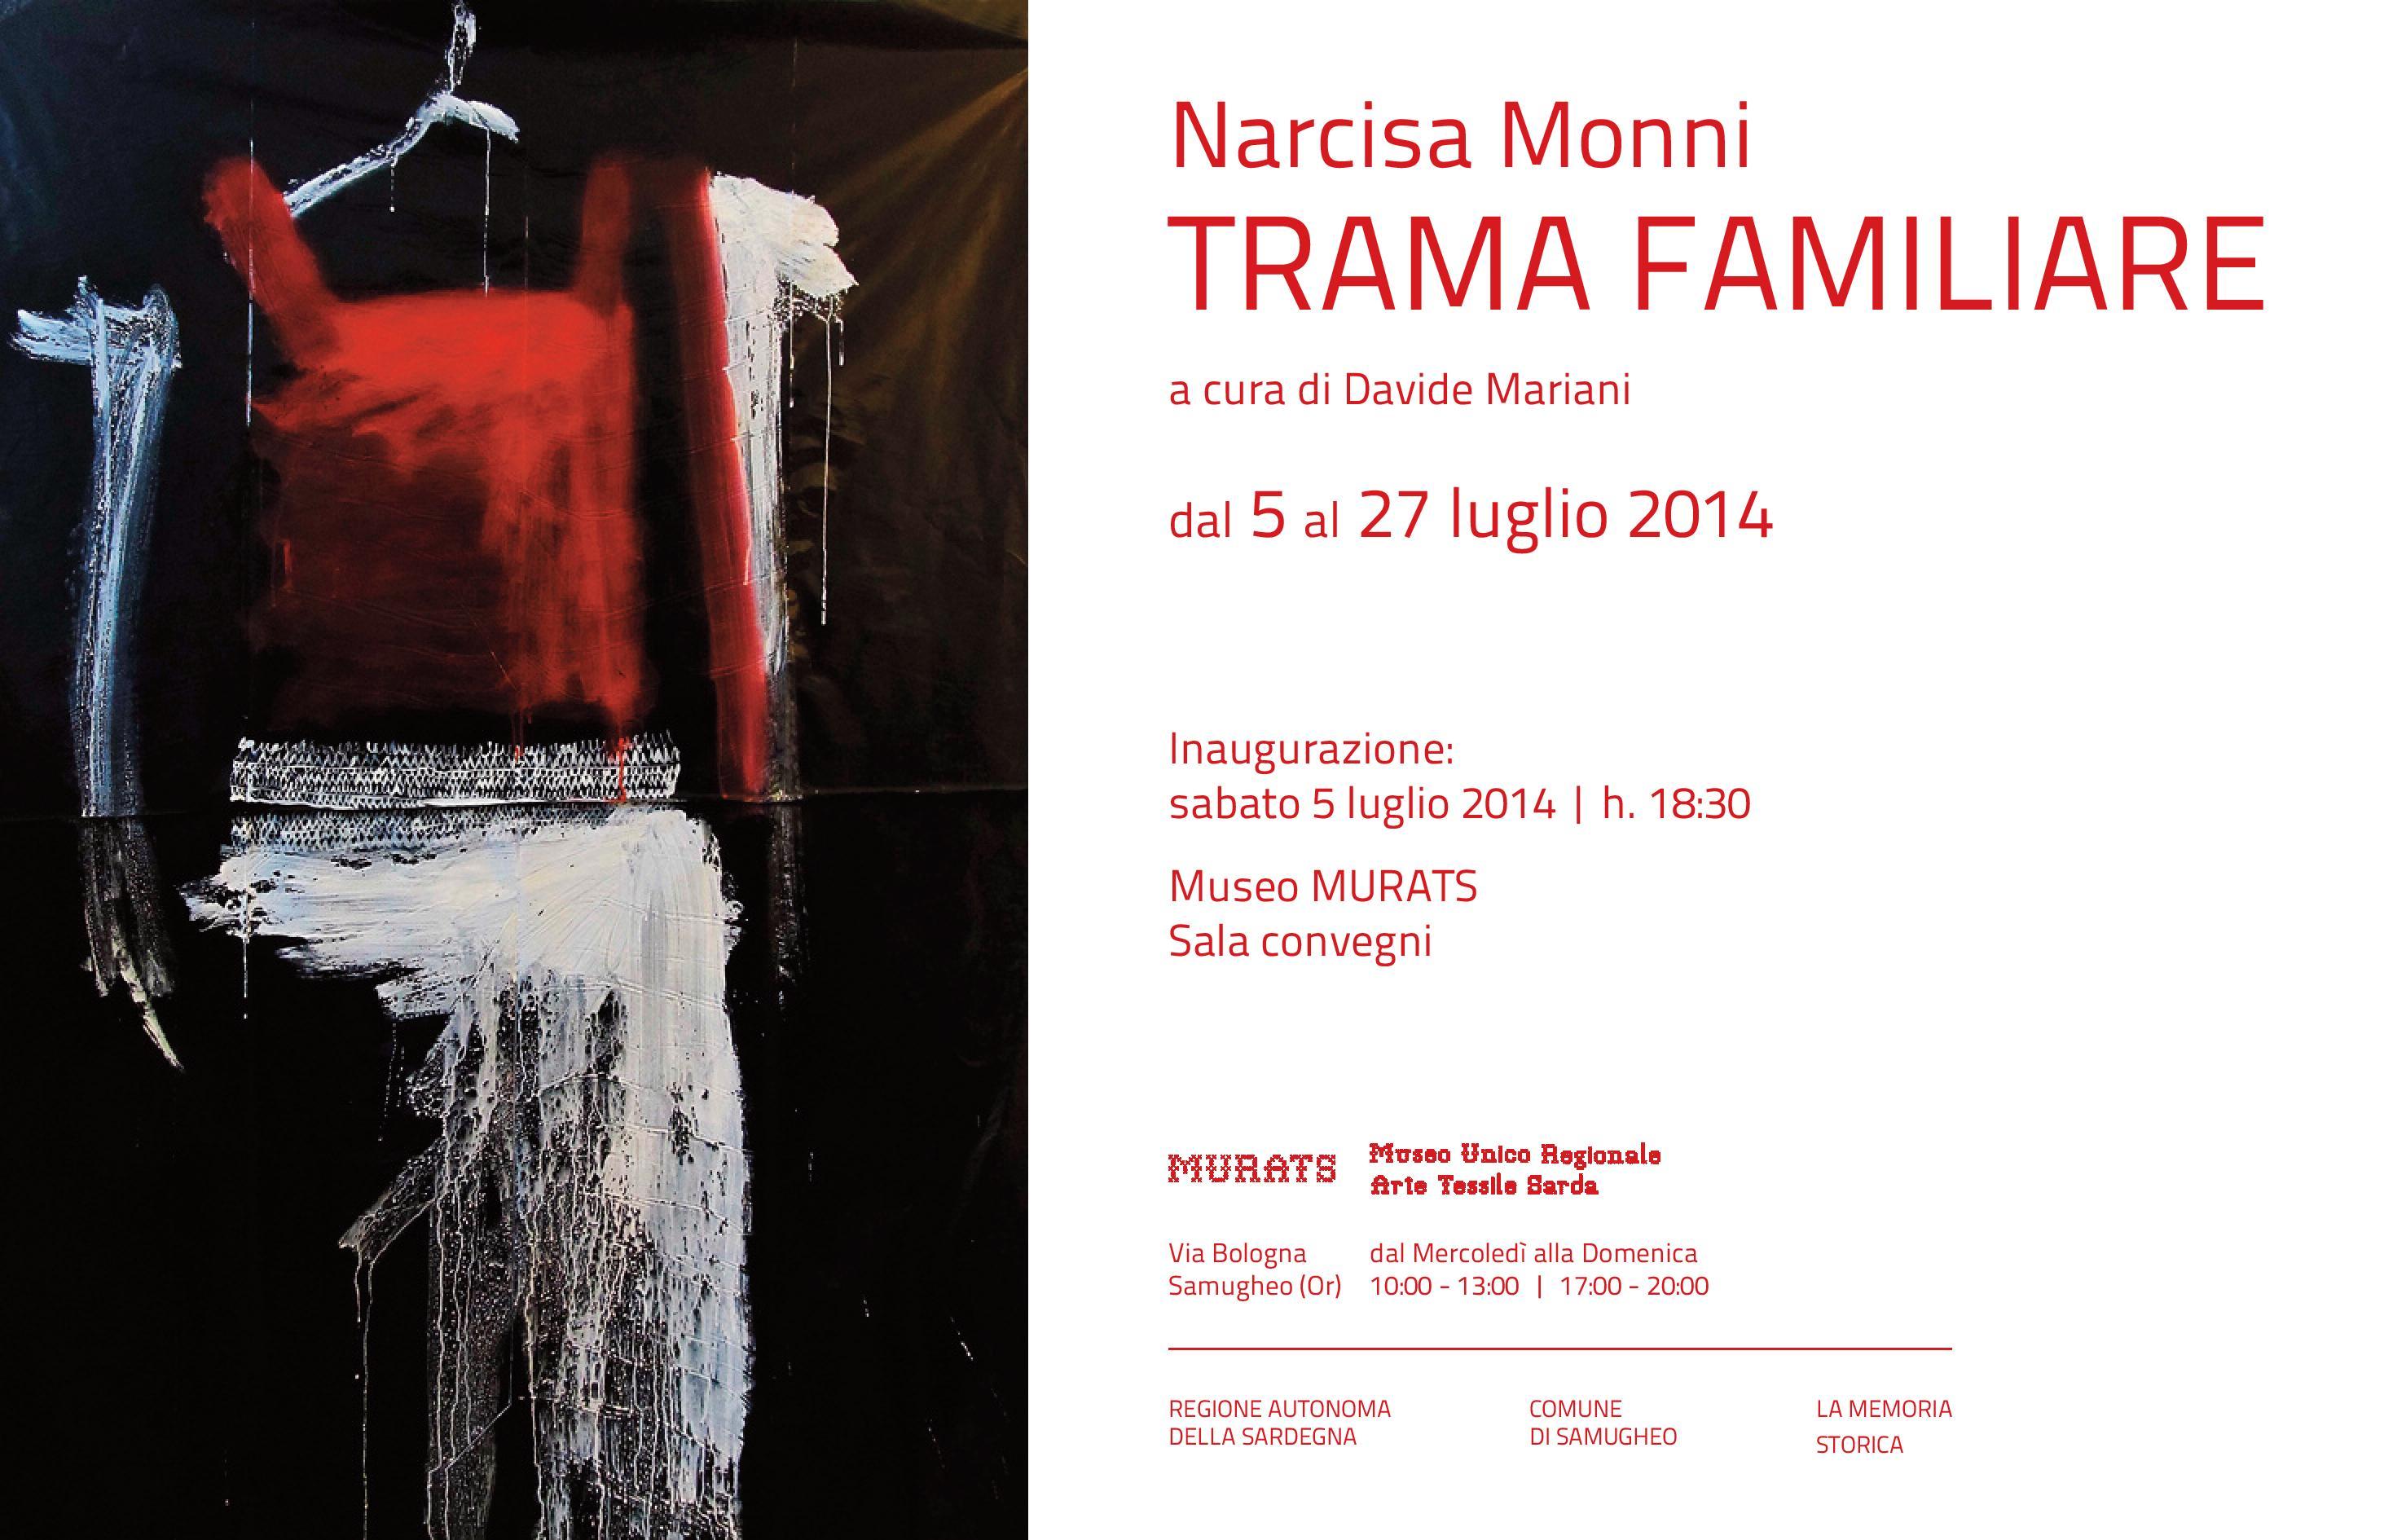 Narcisa Monni Murats